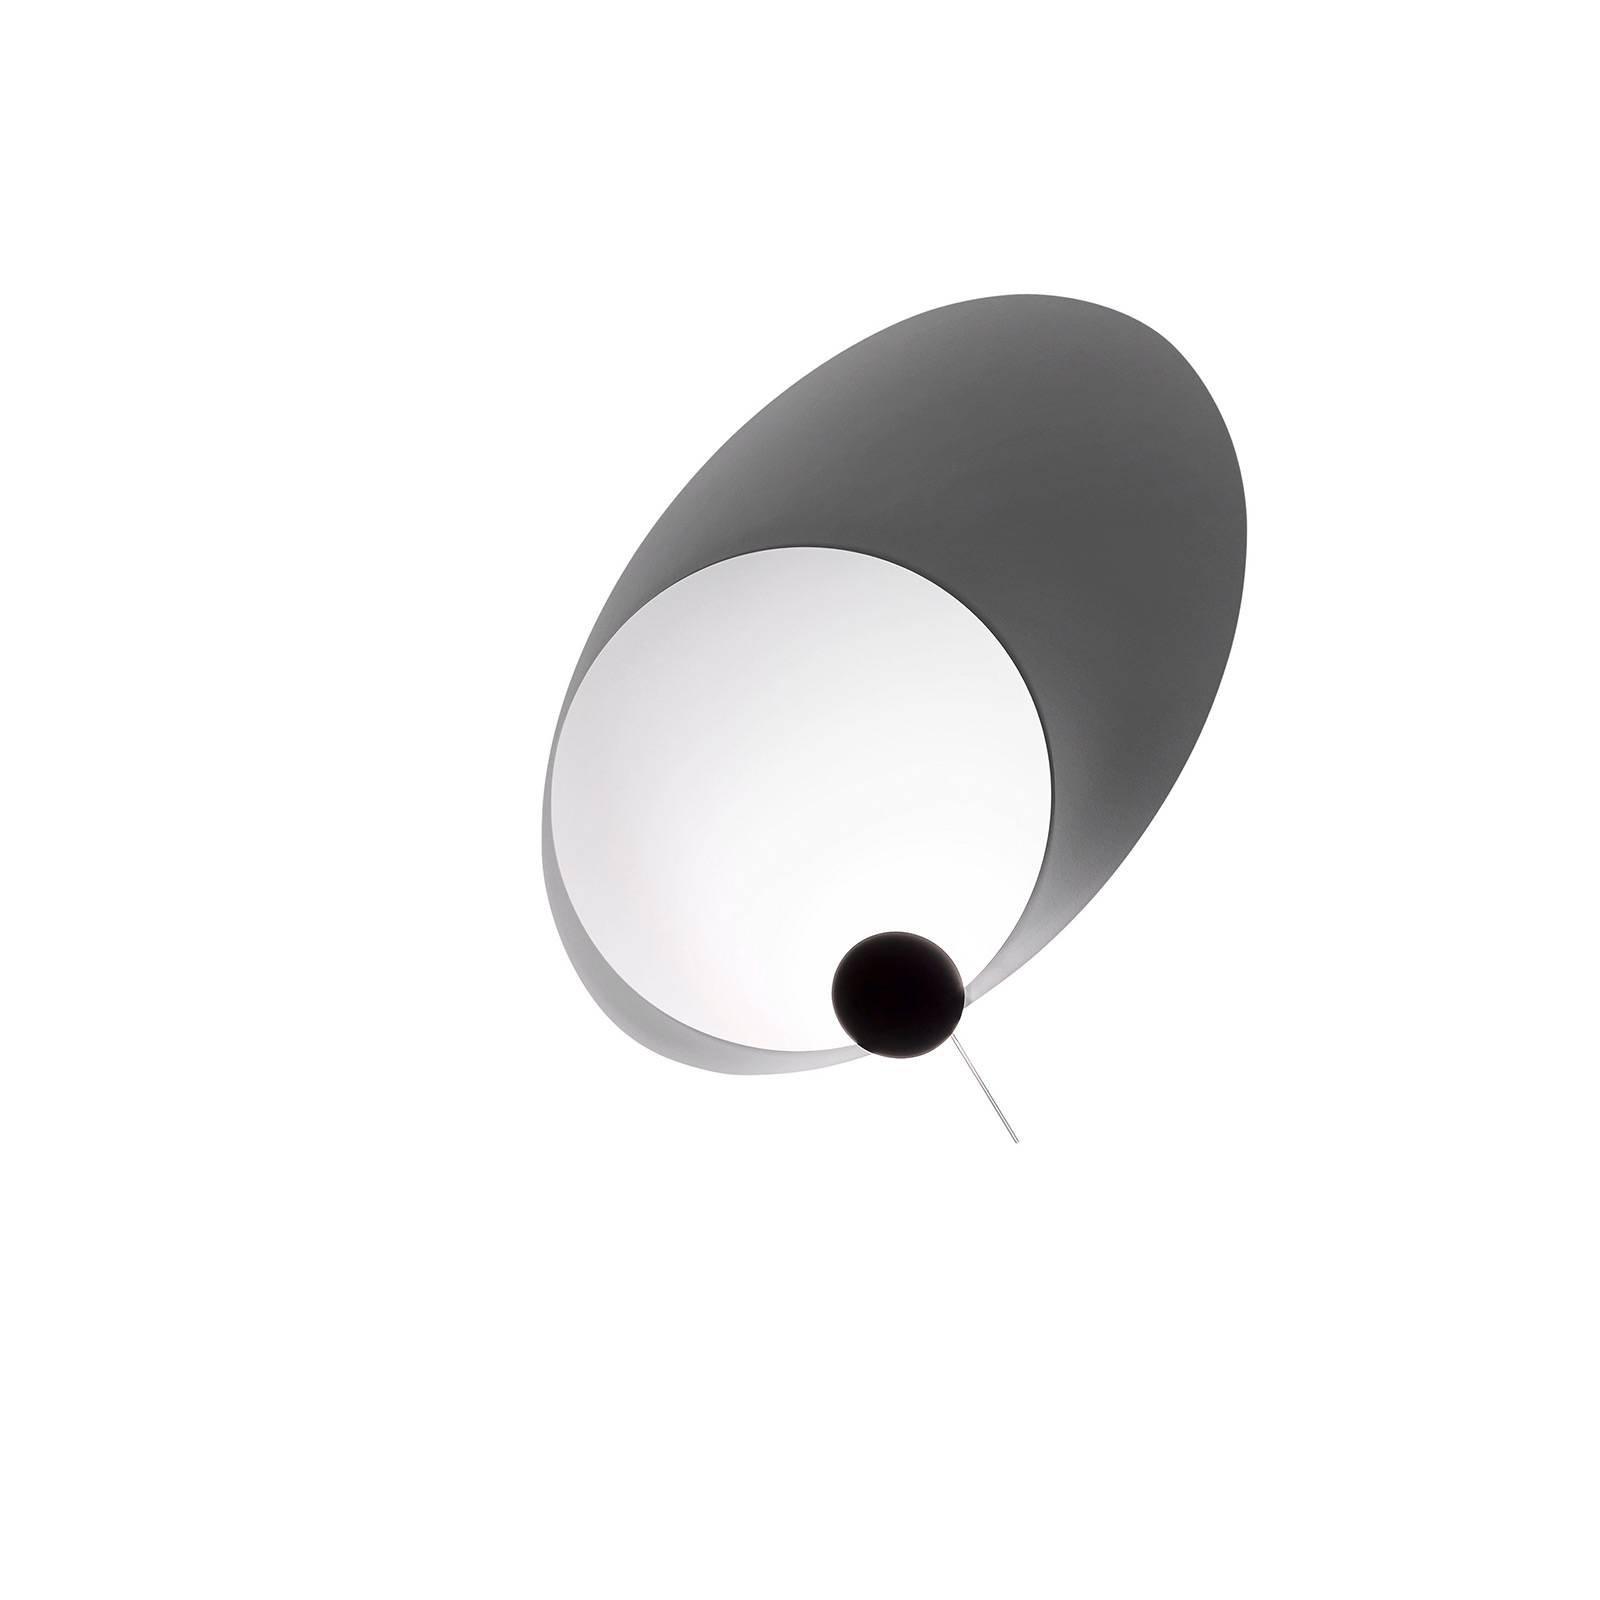 Ingo Maurer Eclipse LED-vegglampe